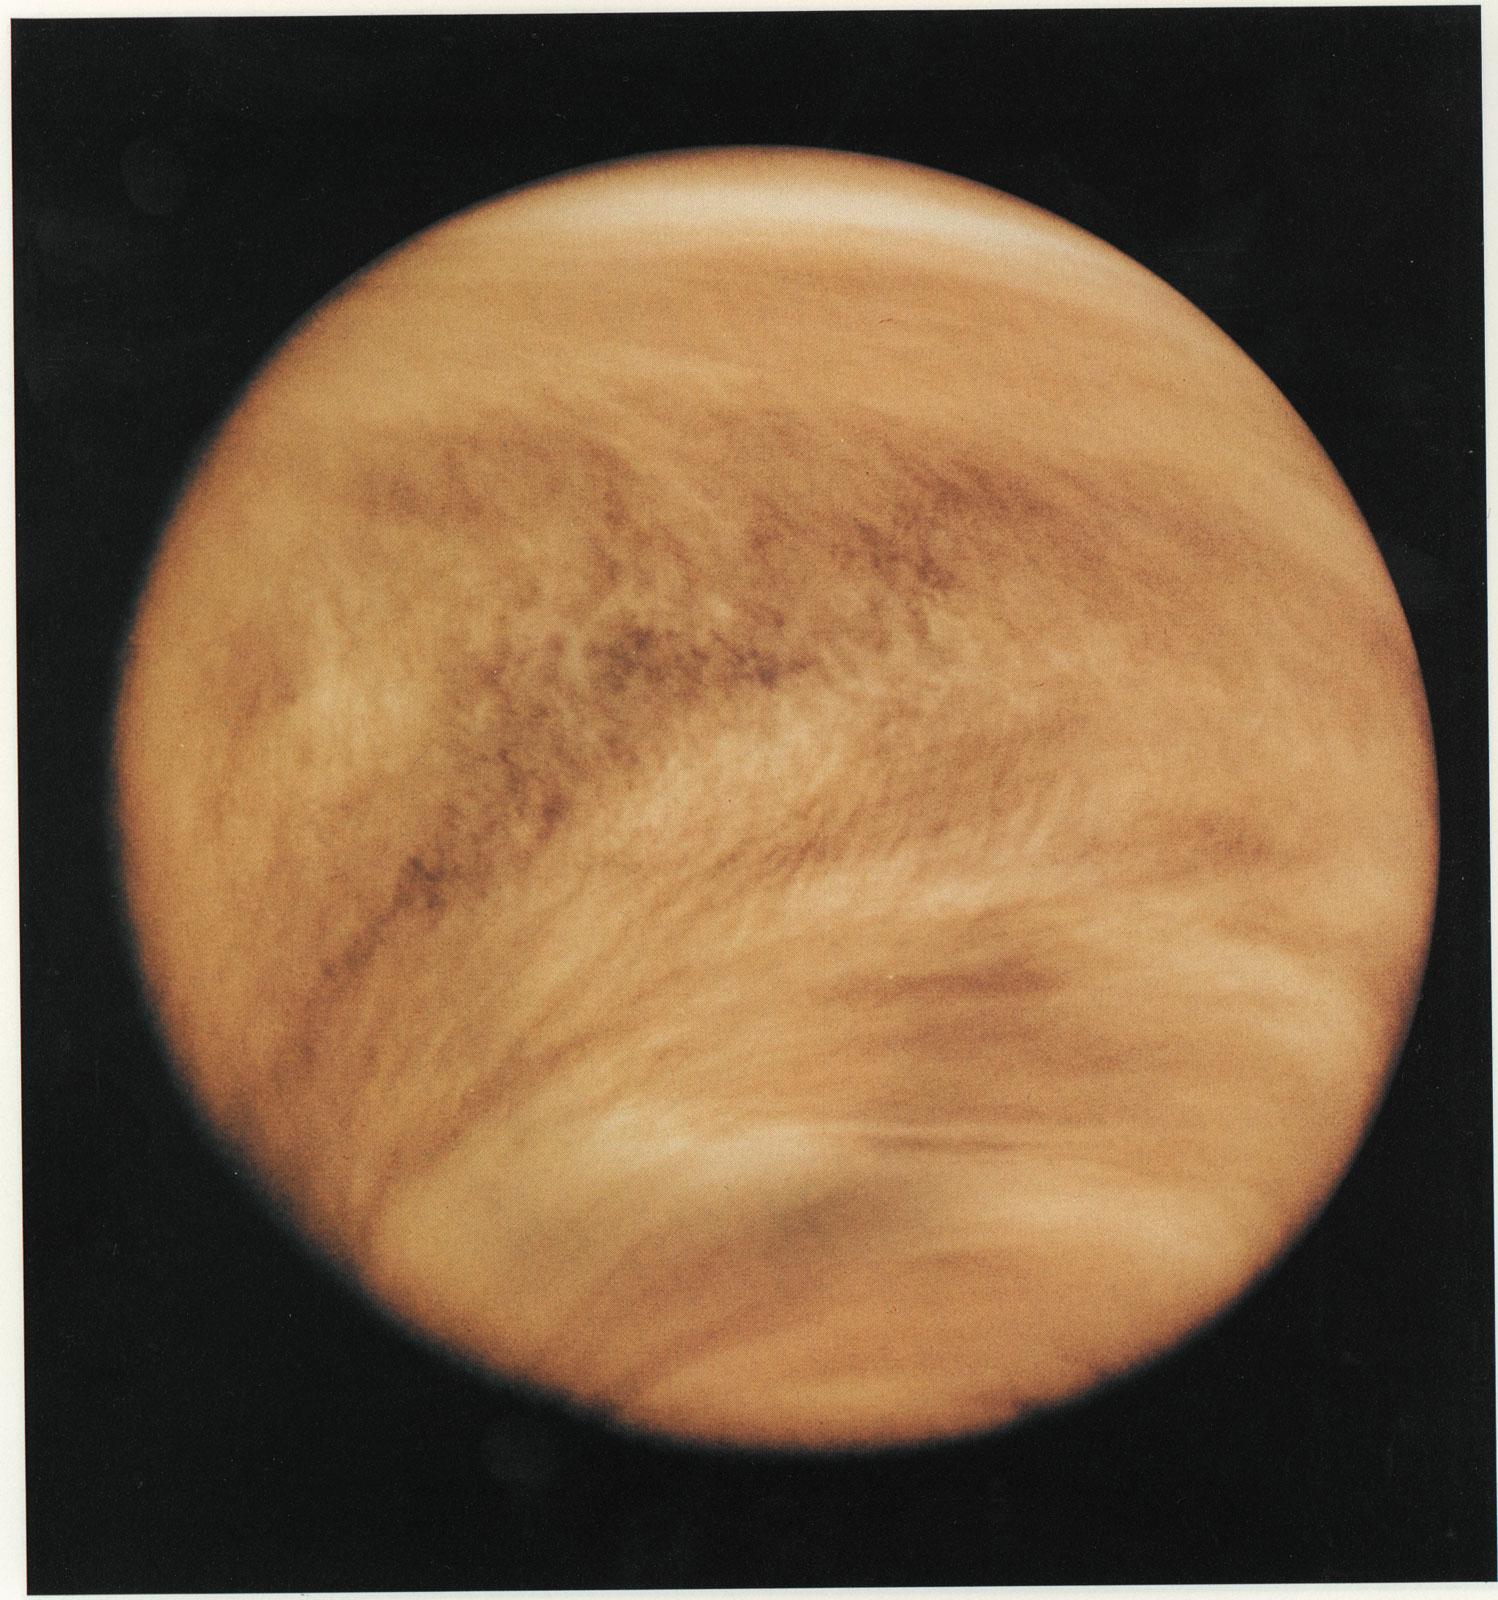 Venus | Facts, Size, Surface, & Temperature | Britannica